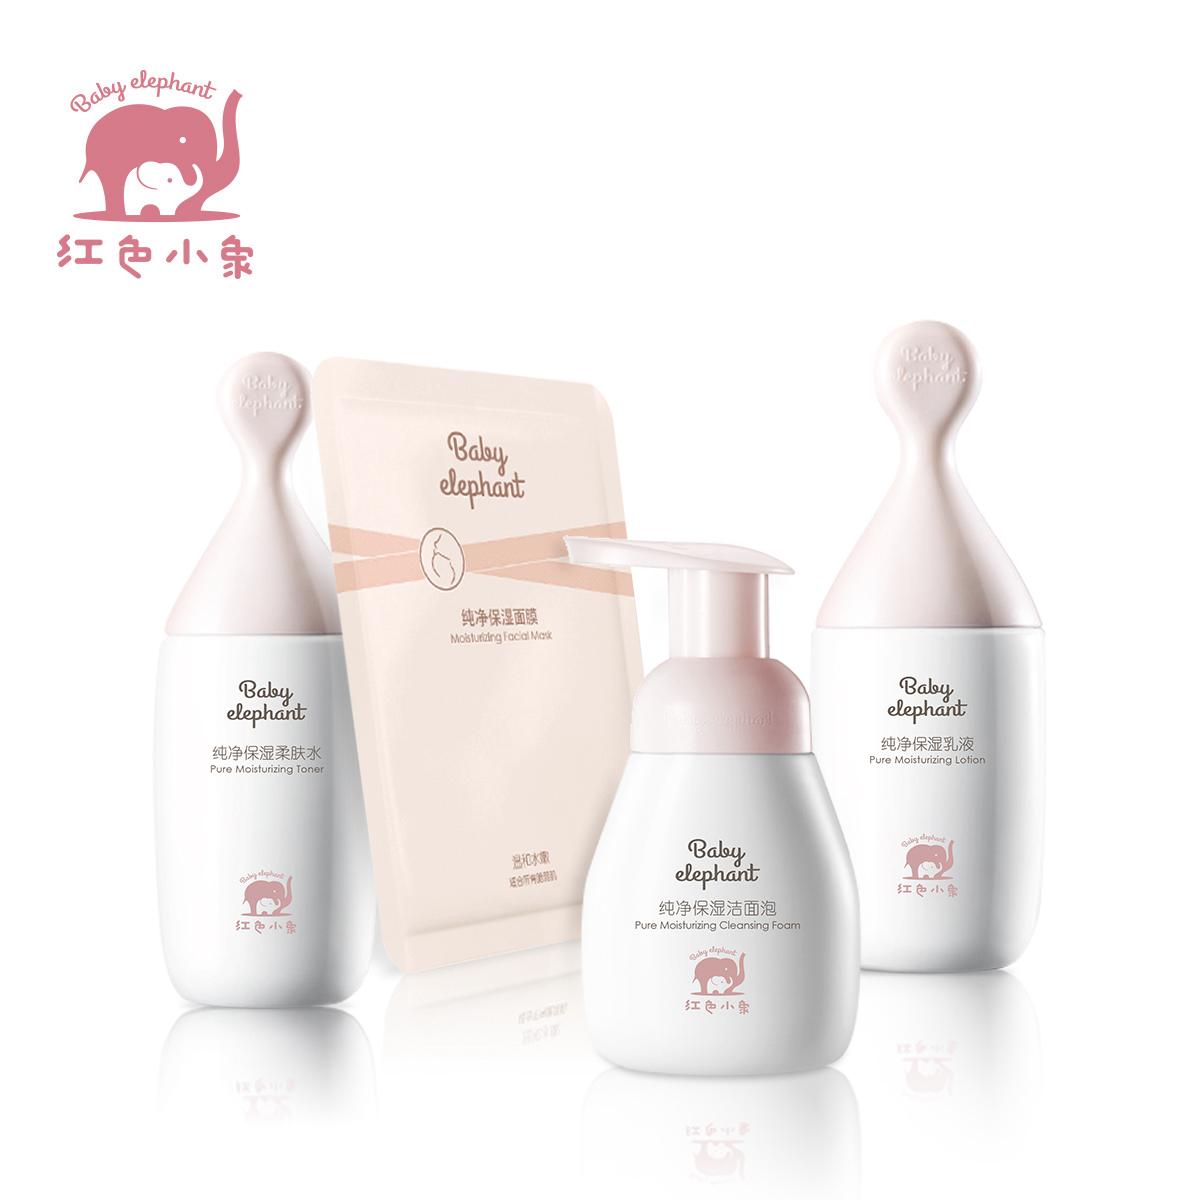 包邮正品红色小象孕妇护肤化妆品纯天然洗护补保湿水滋润面膜套装